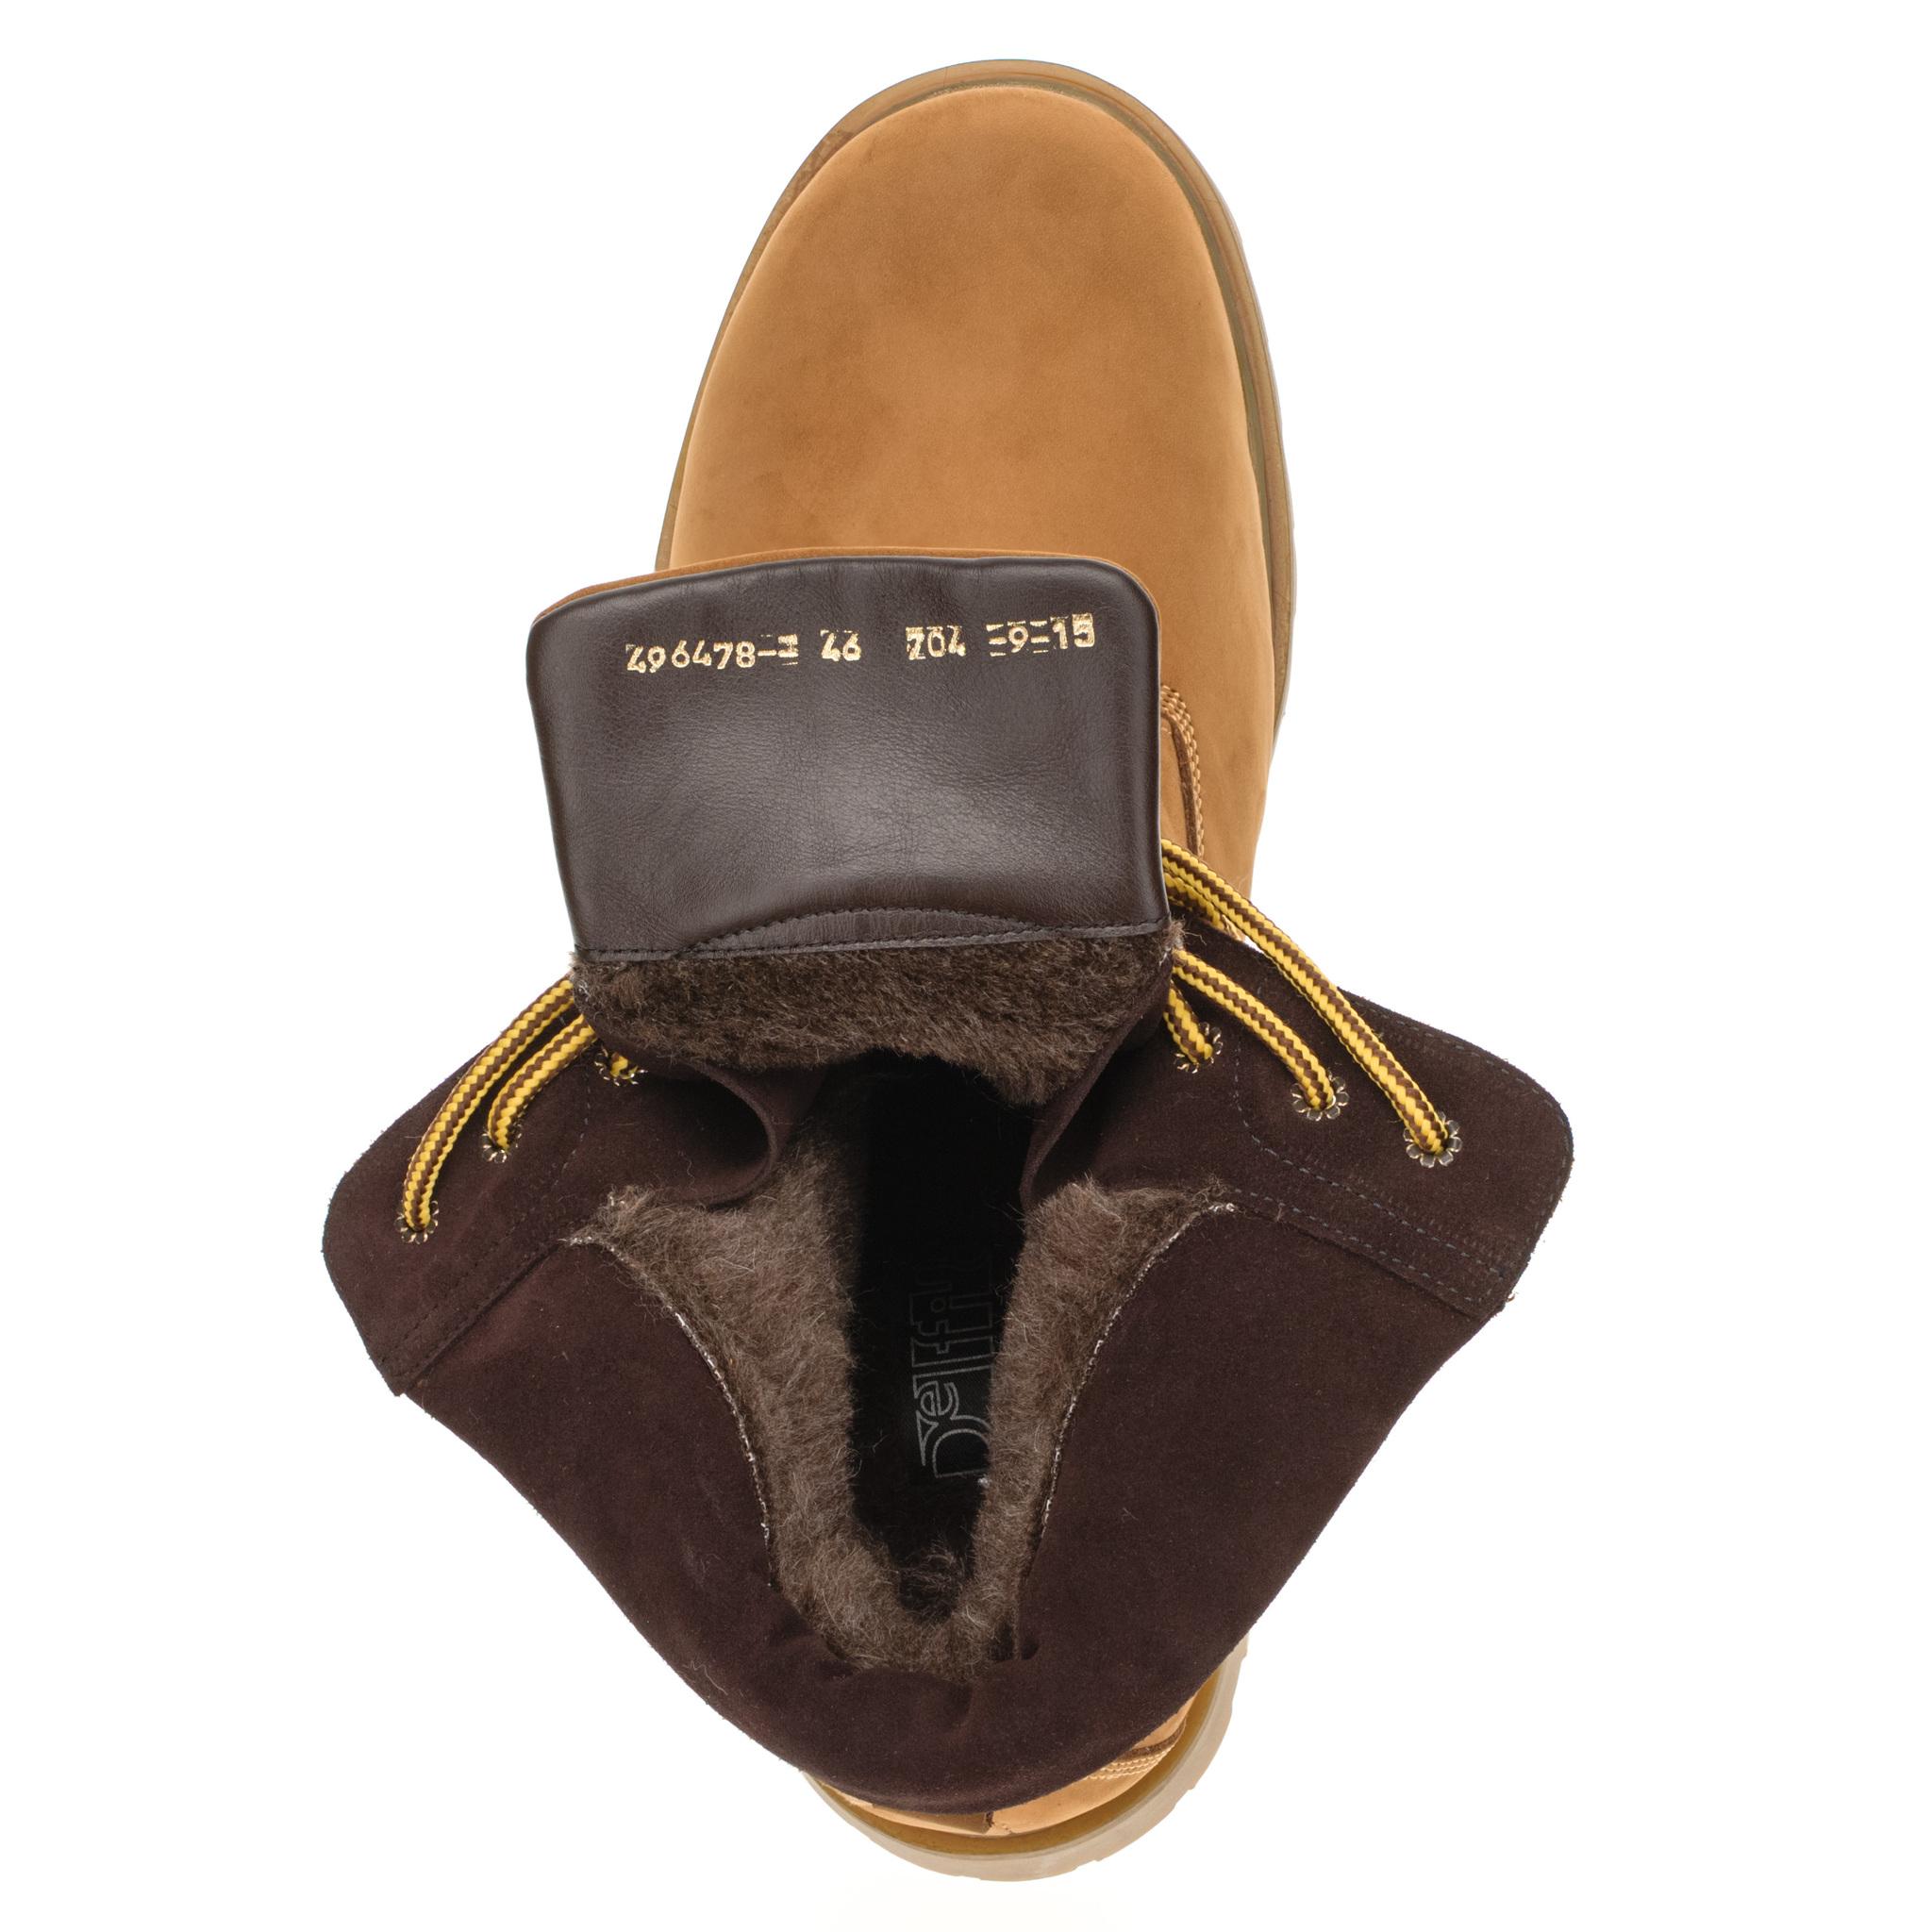 496478 ботинки мужские охра больших размеров марки Делфино